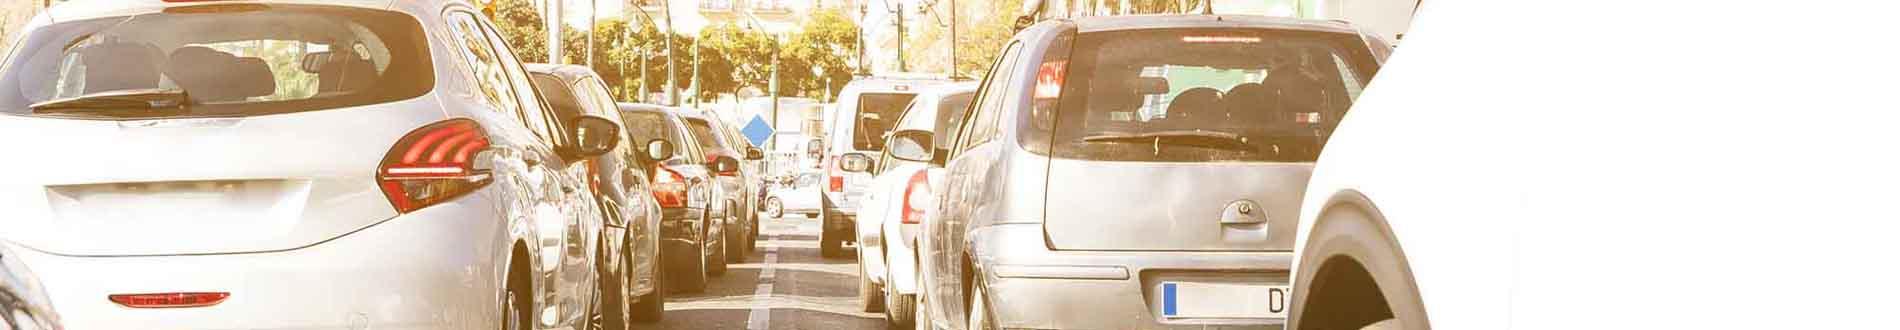 bakan trafik sigortasi